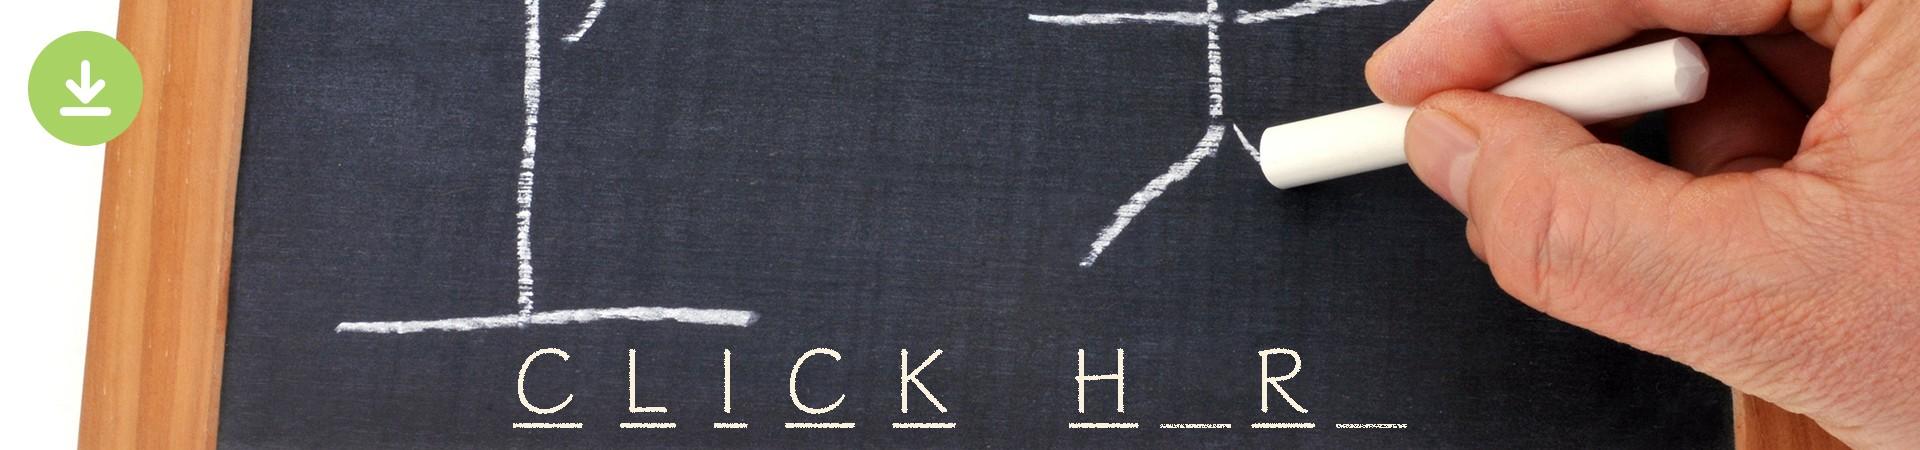 click here - hangman